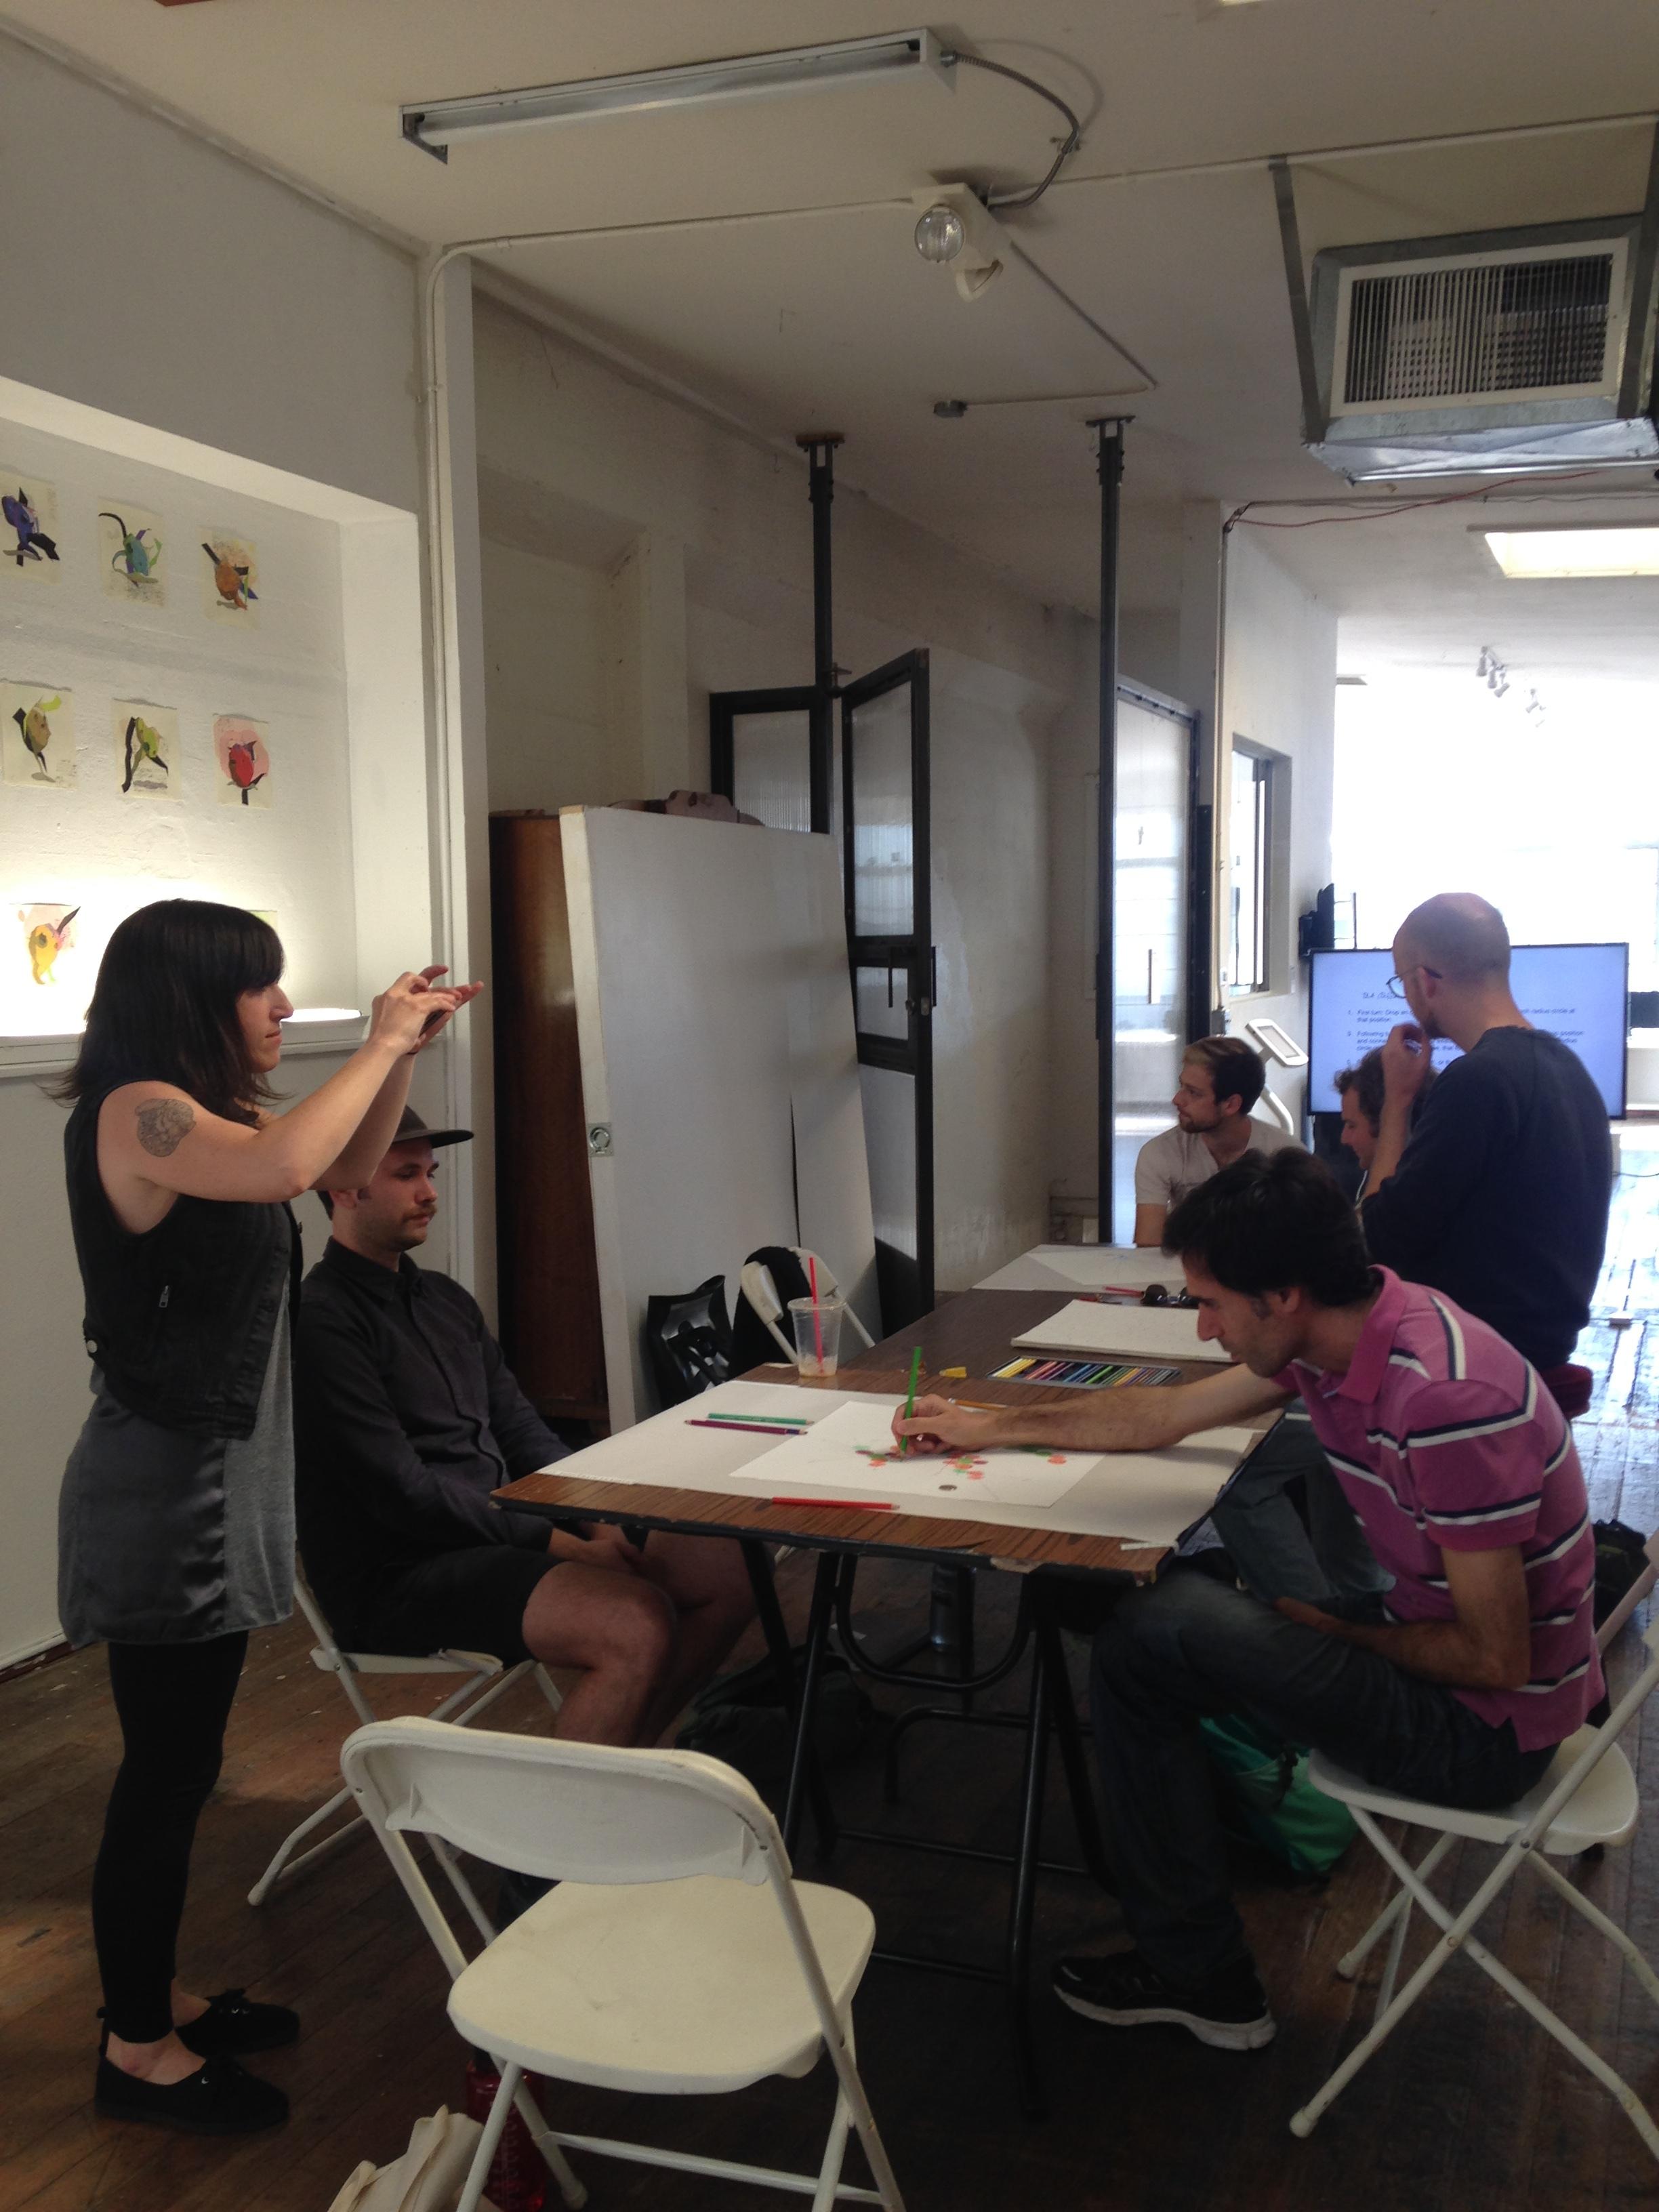 Workshop in progress.